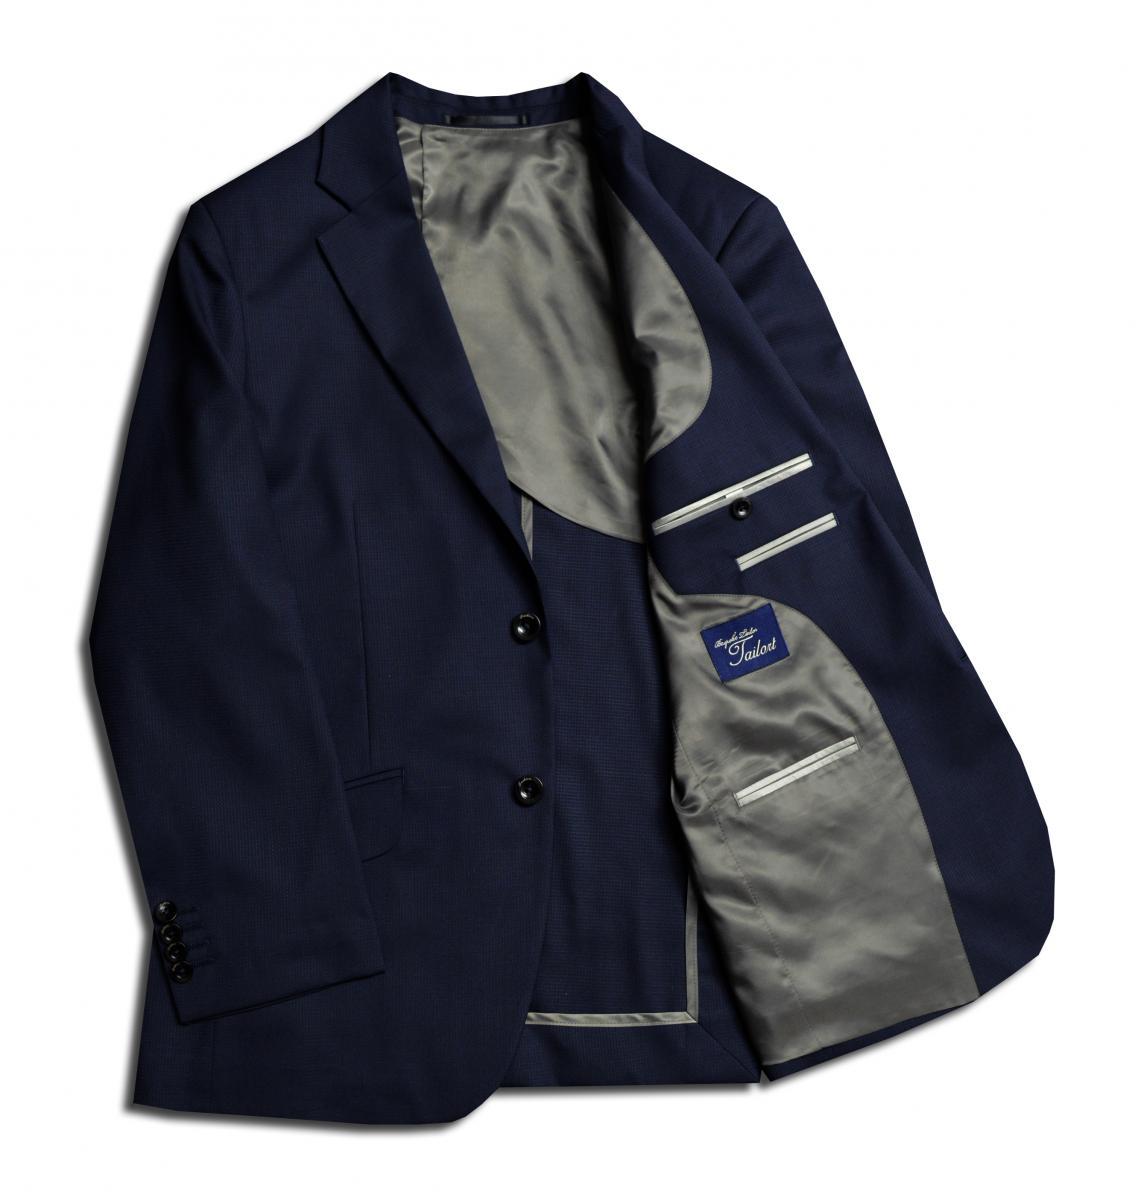 [オーダーレディースジャケット]コスパを考えるなら、この生地で決まり!